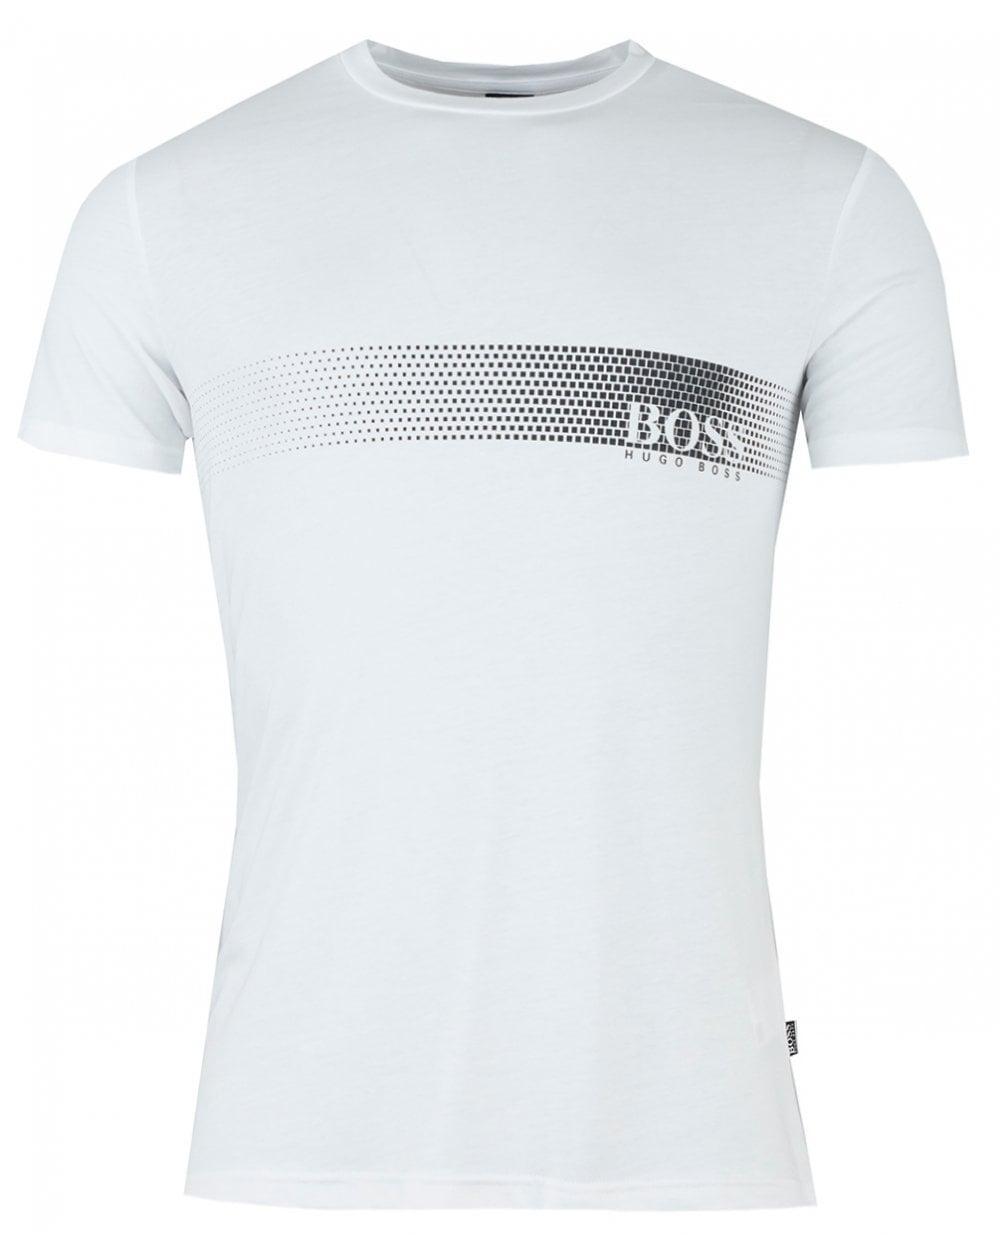 709b5d9c BOSS by Hugo Boss Slim Fit Horizontal Logo in White for Men - Lyst